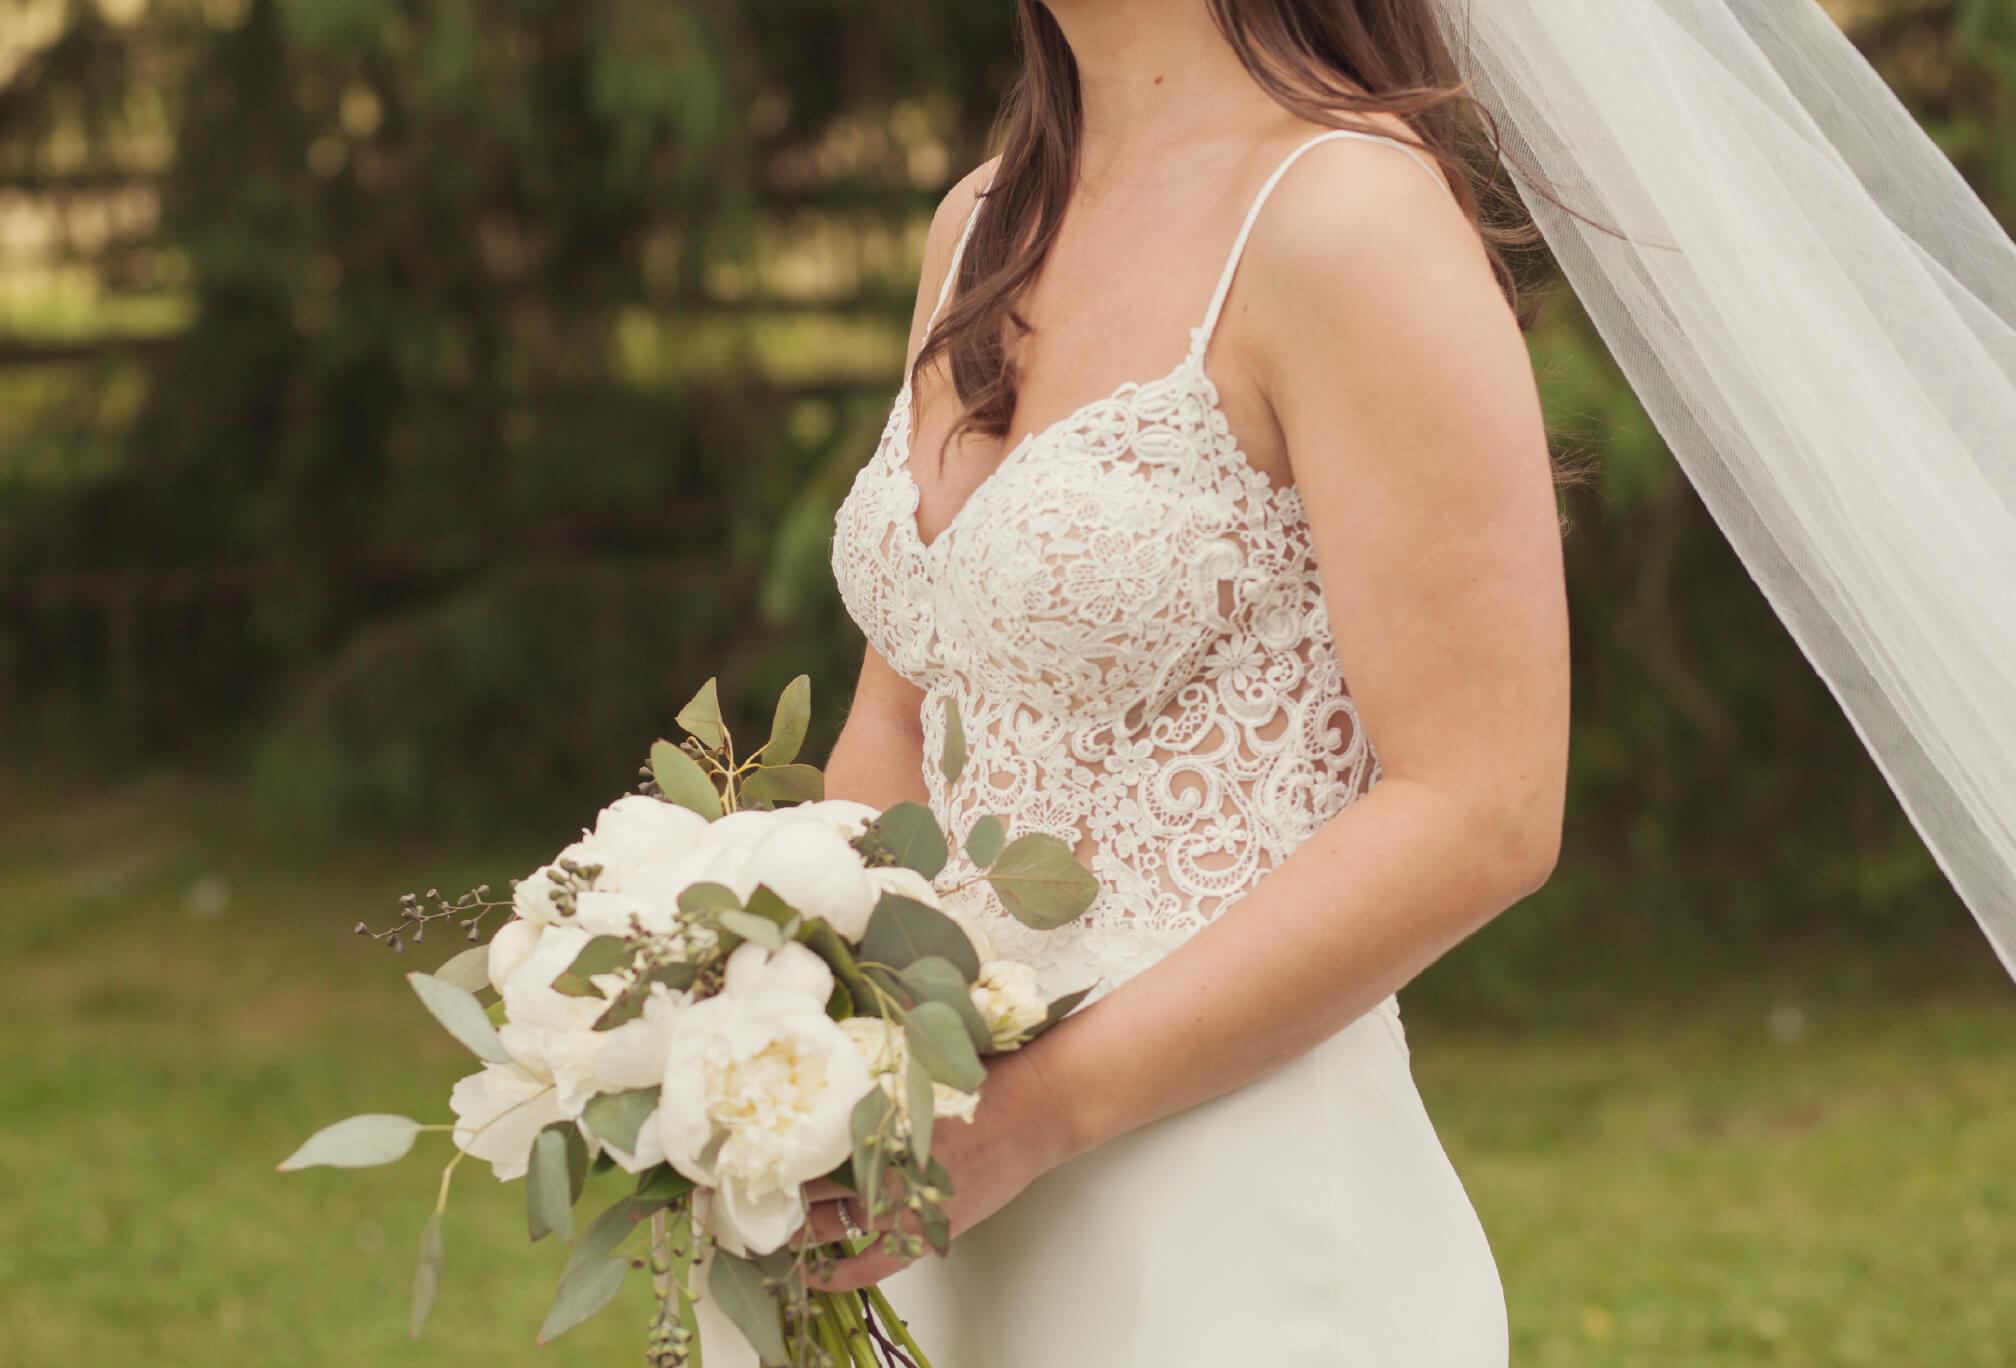 lace dress bride details